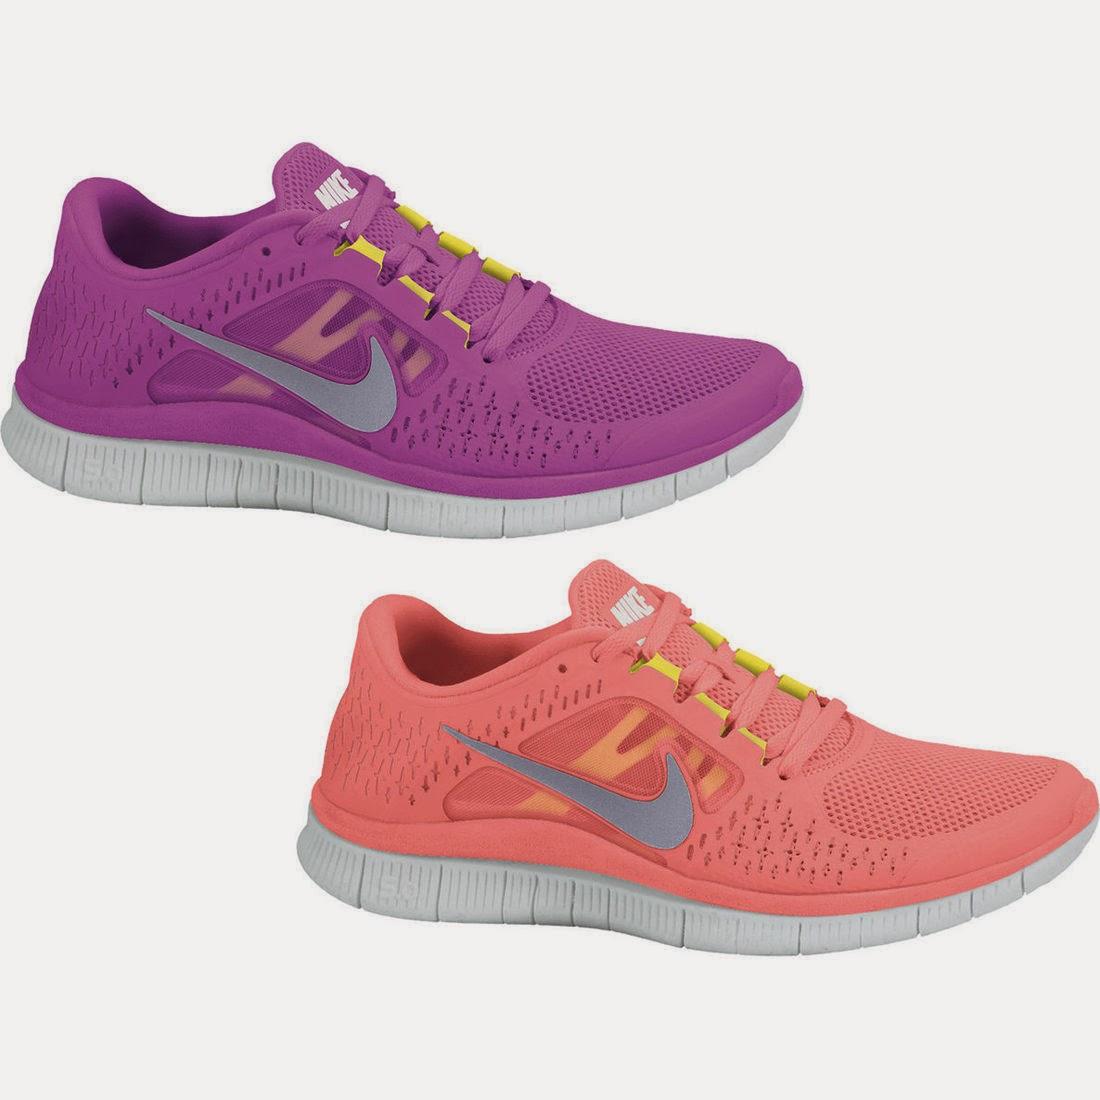 imagenes de zapatillas para mujeres 2015 - adidas Mujer adidas México